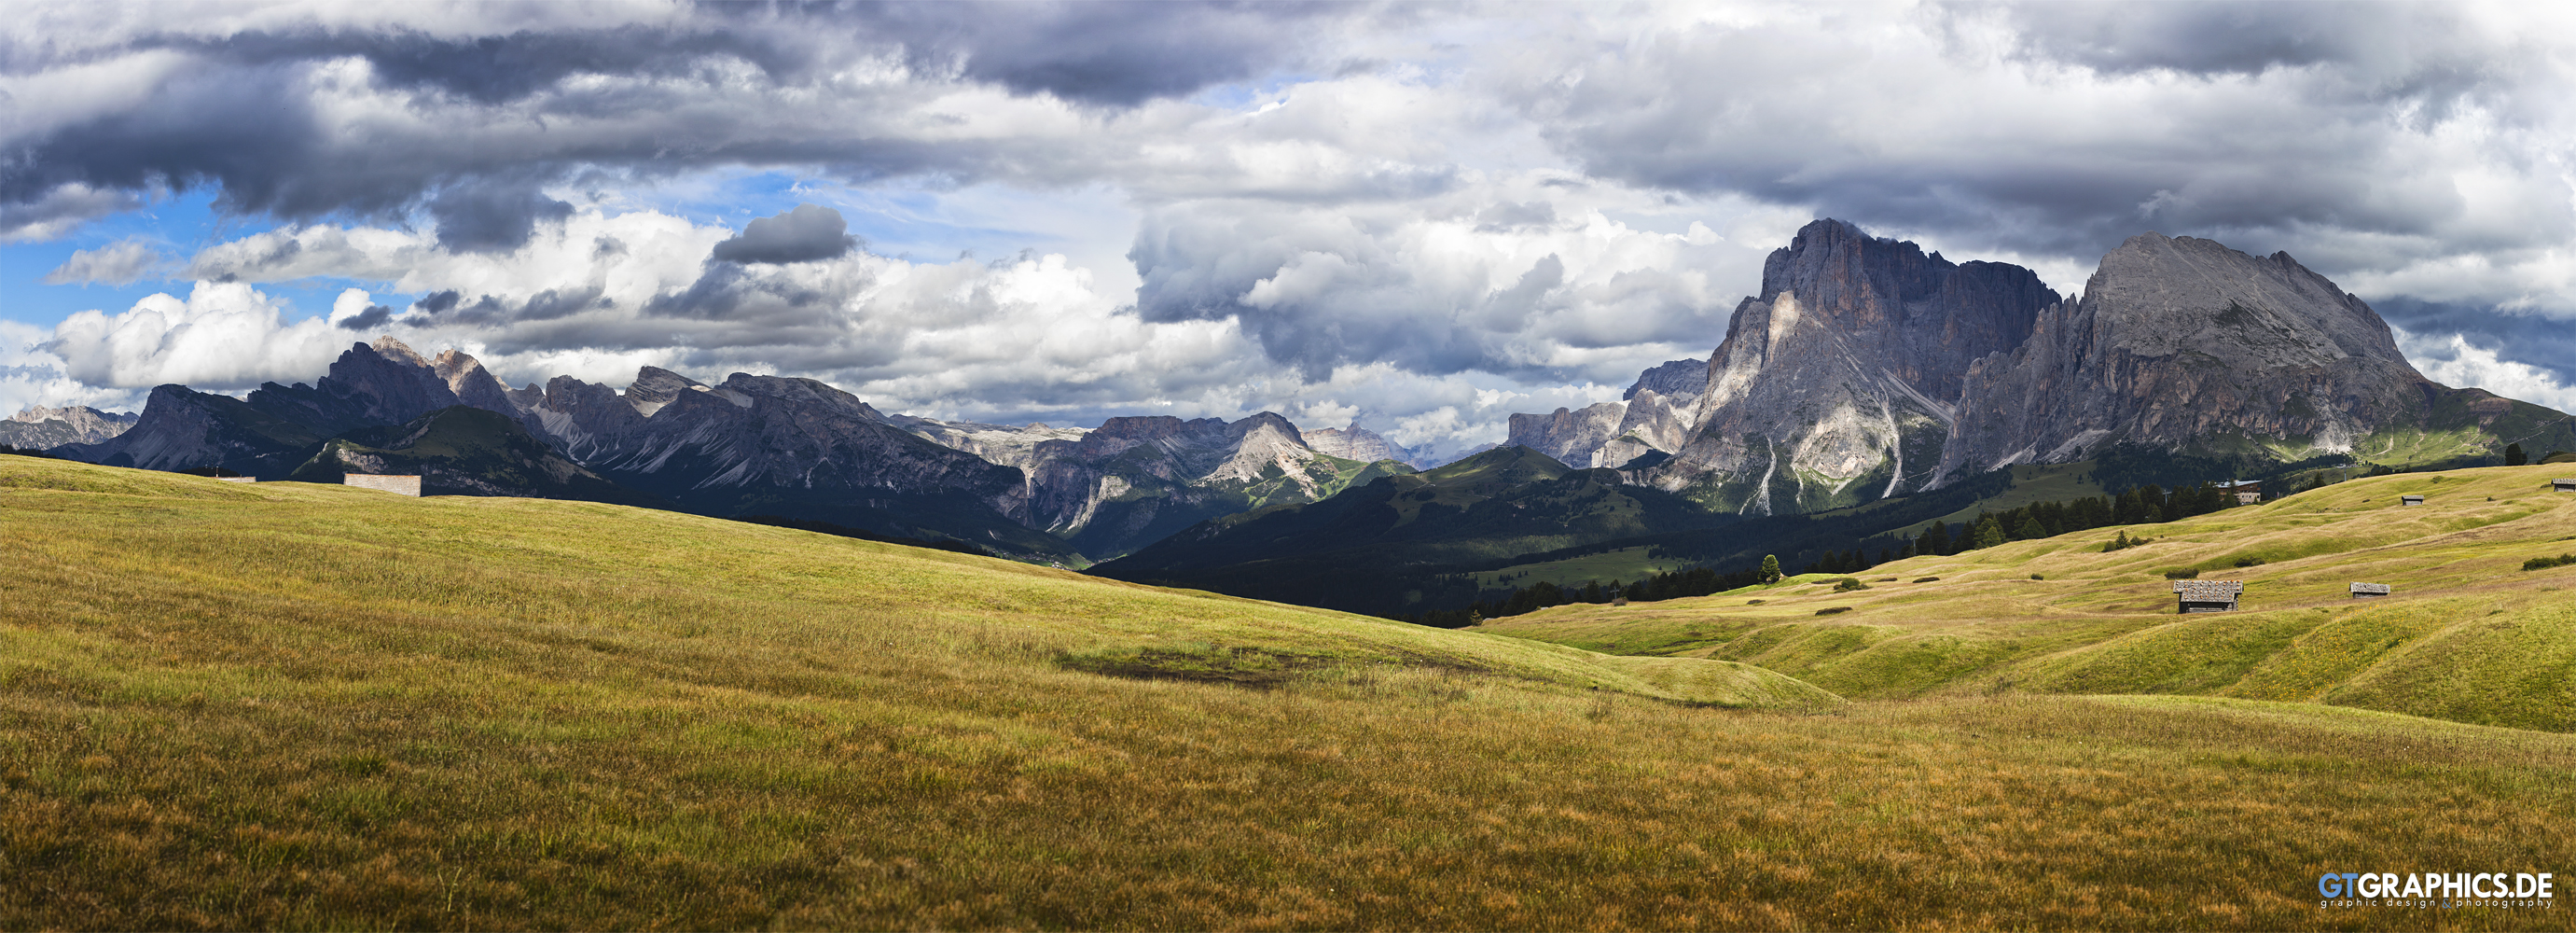 Alpe di Siusi by TobiasRoetsch